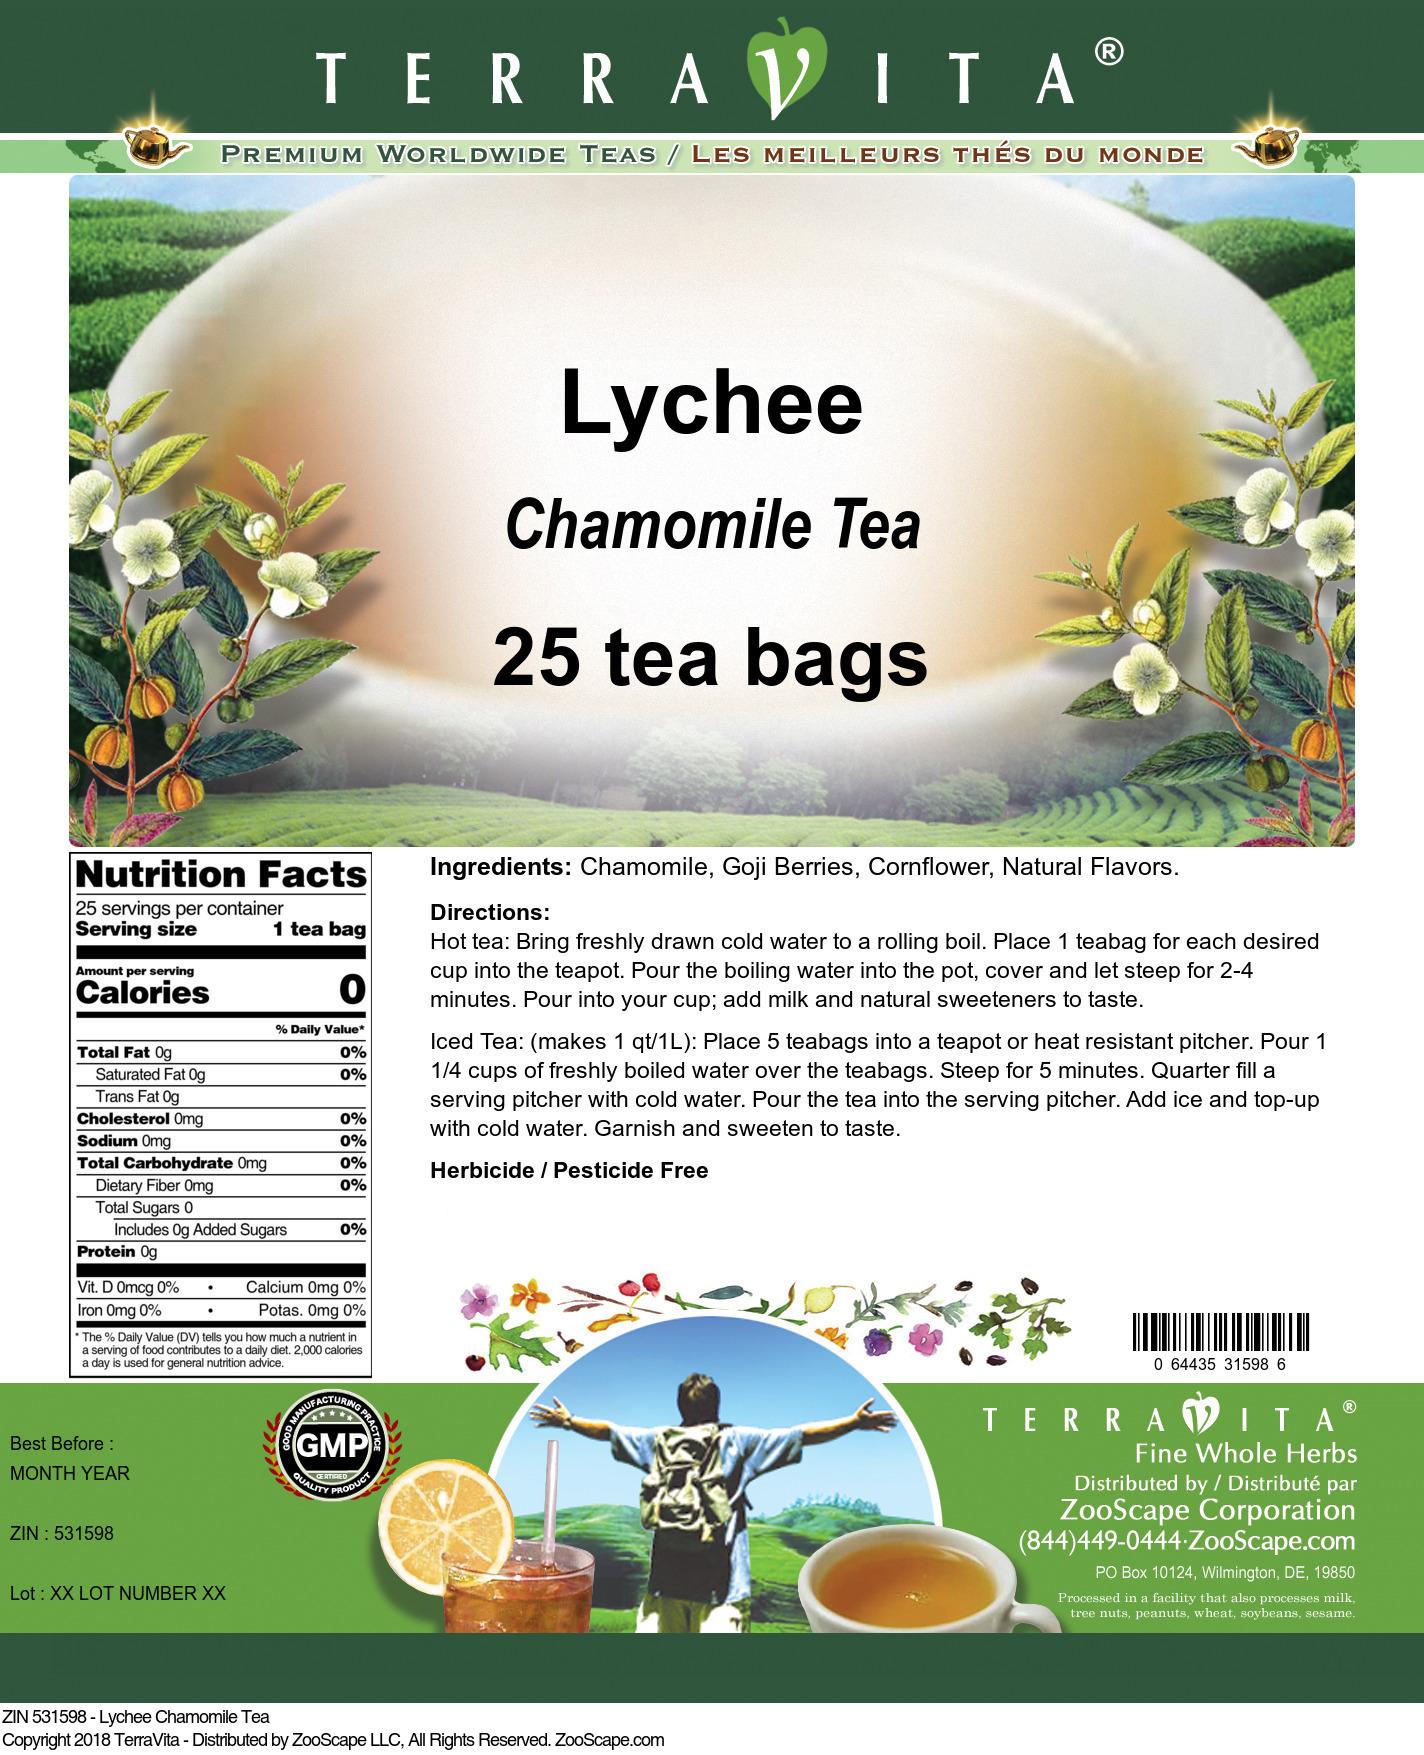 Lychee Chamomile Tea